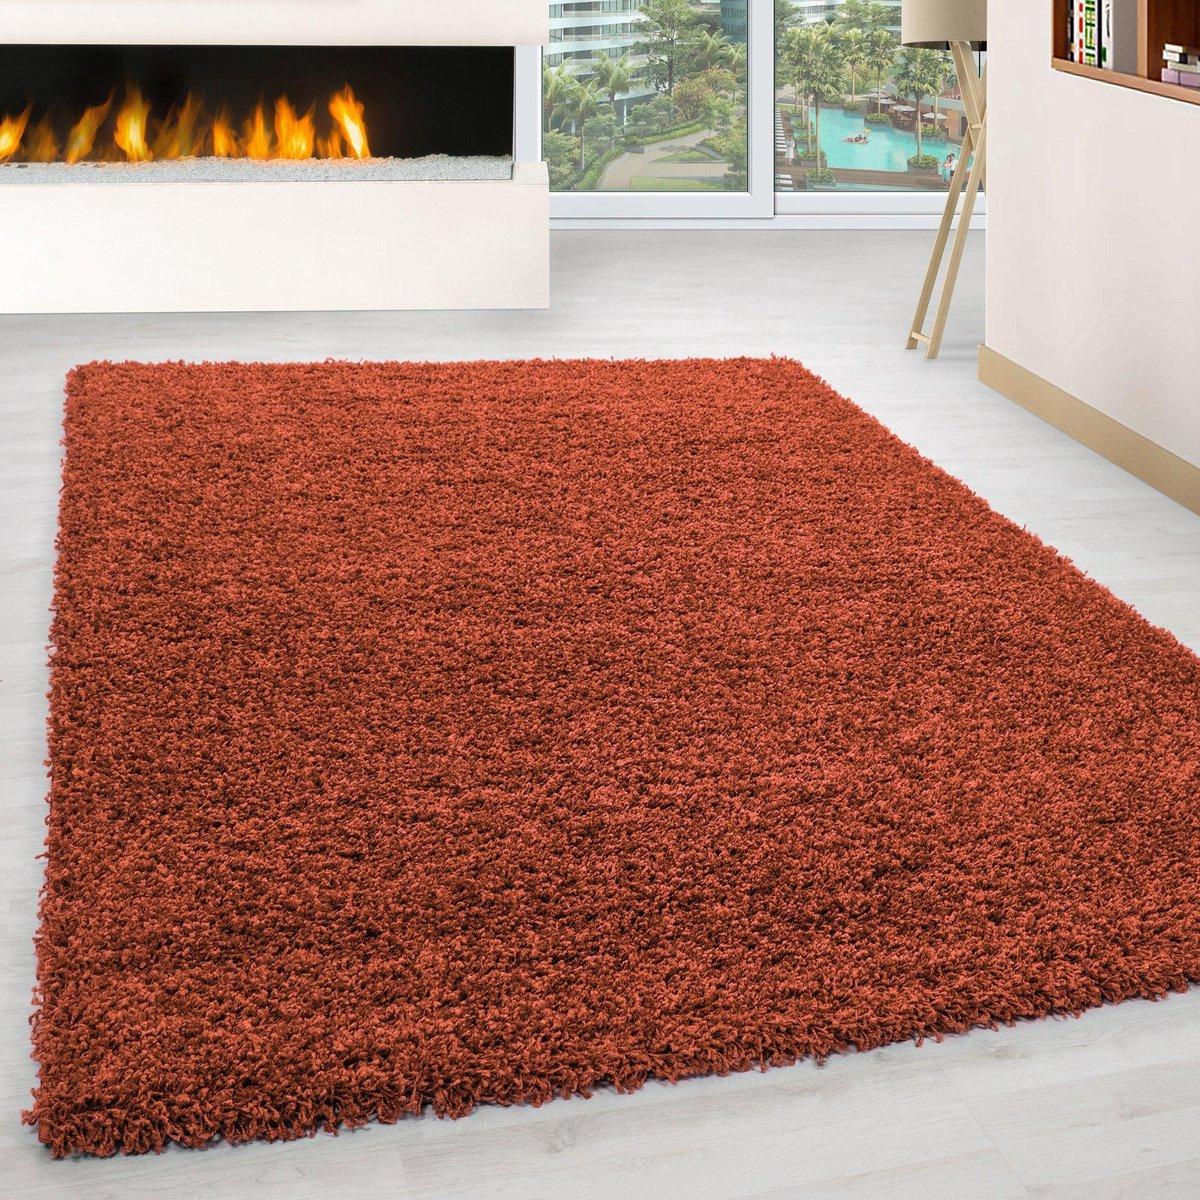 Oranje Tapijt Hoogpolig Vloerkleed Omid Essential 160x160cm Rond Modern Woonkamer Salon Slaapkamer Eetkamer